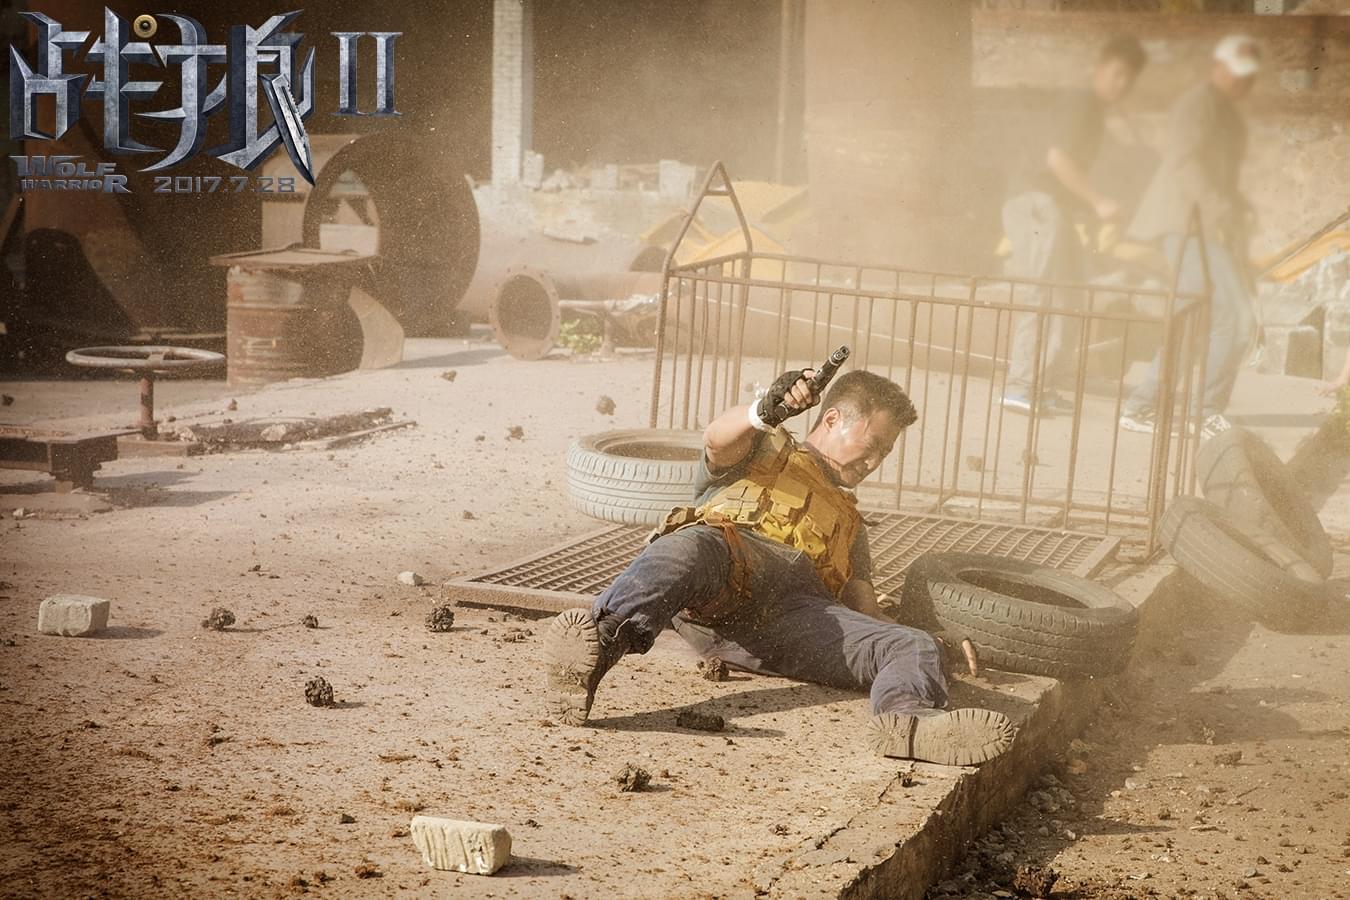 《战狼2》公映火爆遭盗版 盗版商自己都看不下去